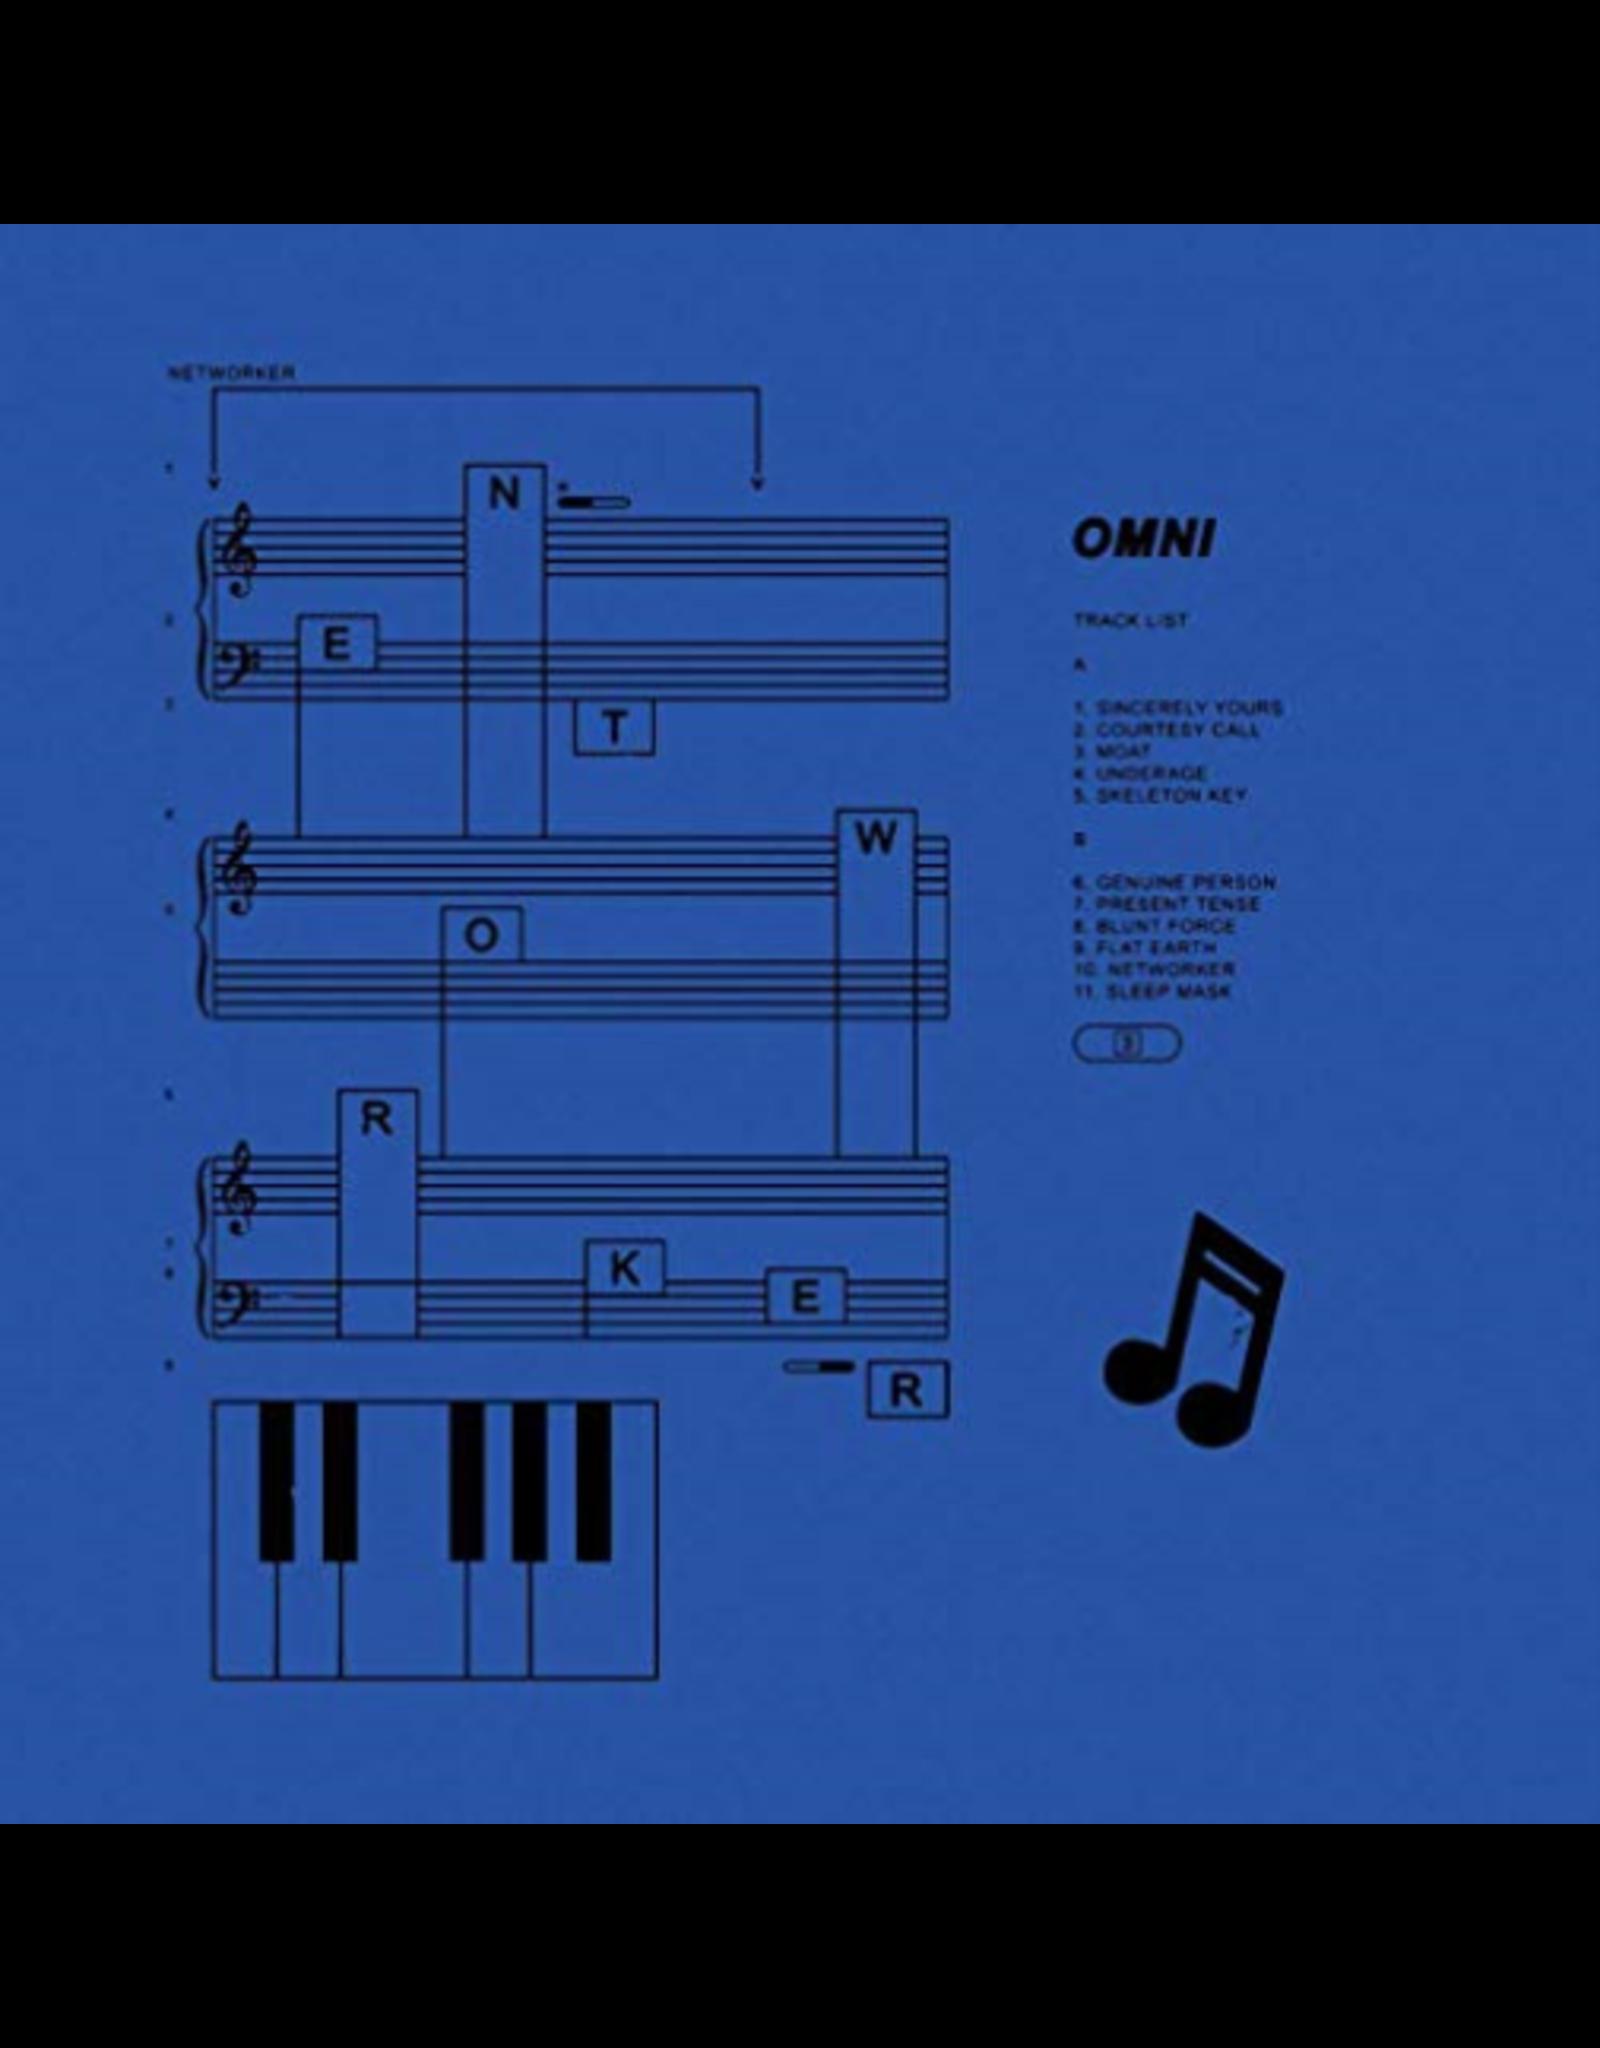 Omni - Networker LP (loser edition)